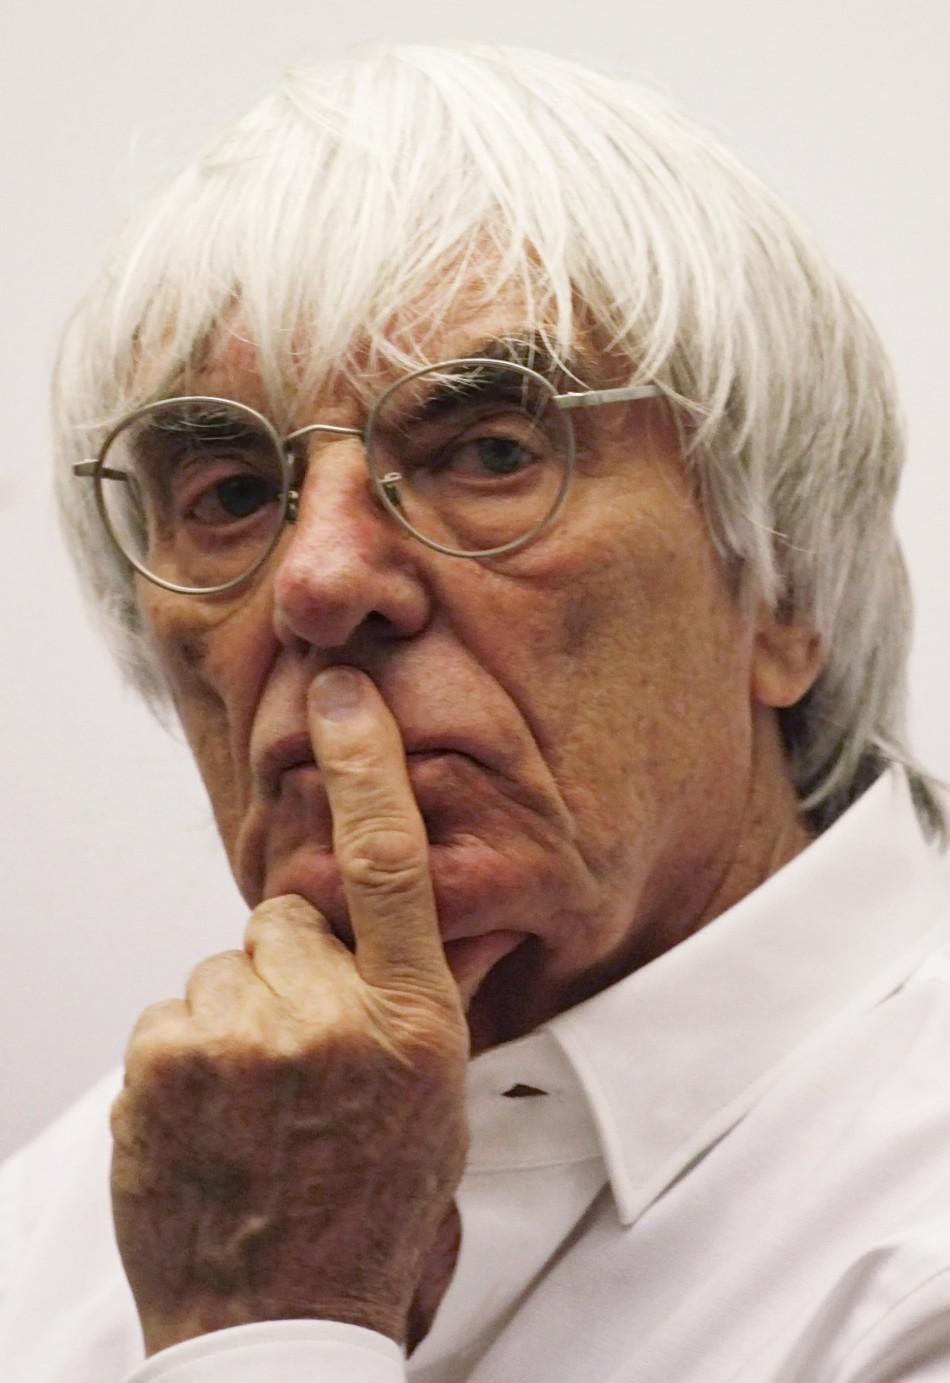 Formula One supremo Bernie Ecclestone